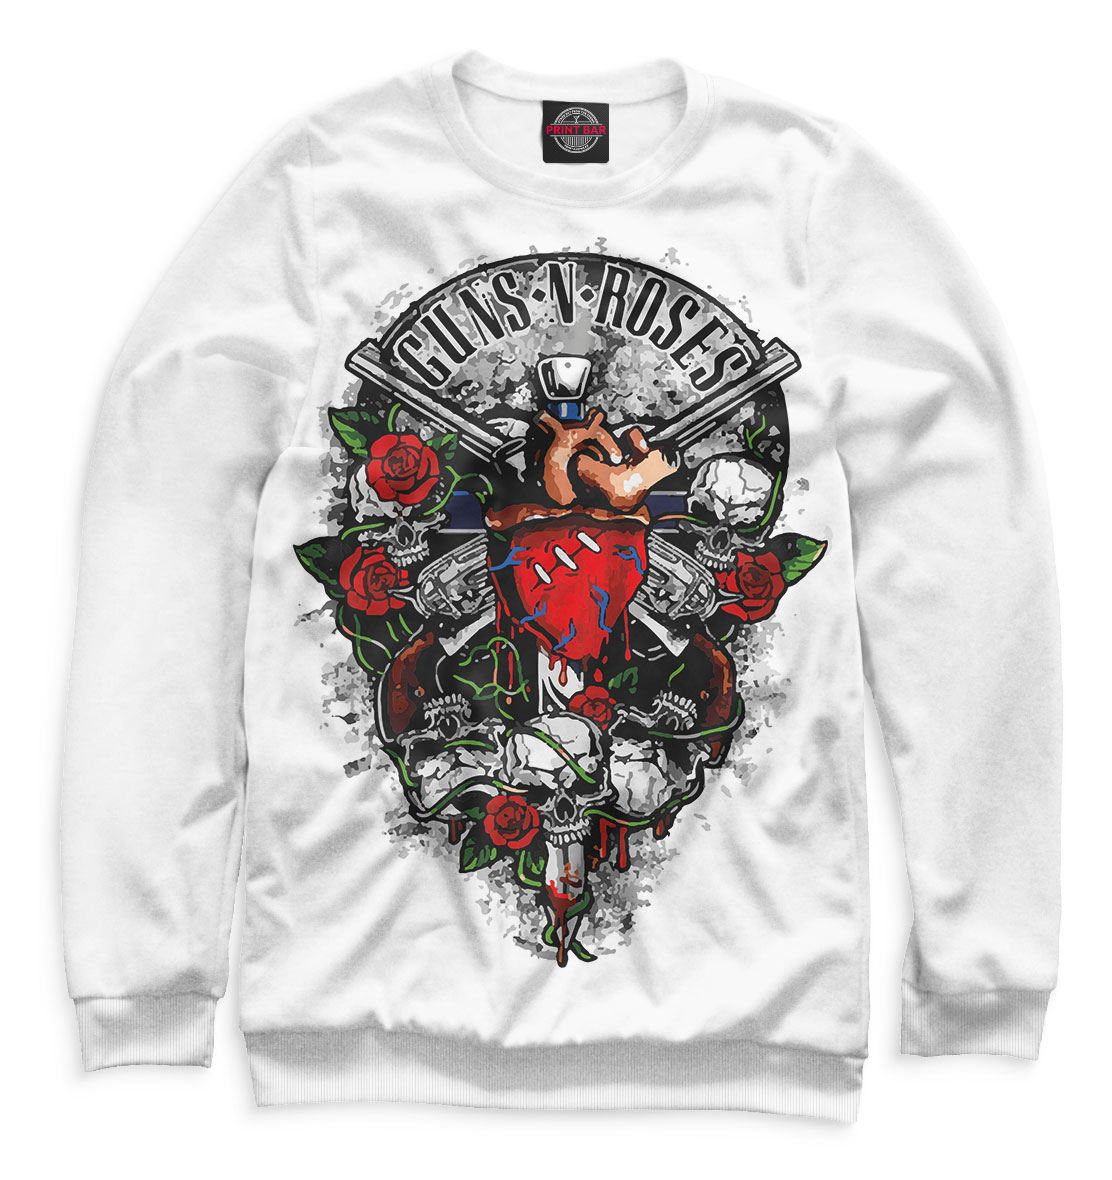 Купить Guns N' Roses, Printbar, Свитшоты, GNR-168036-swi-2